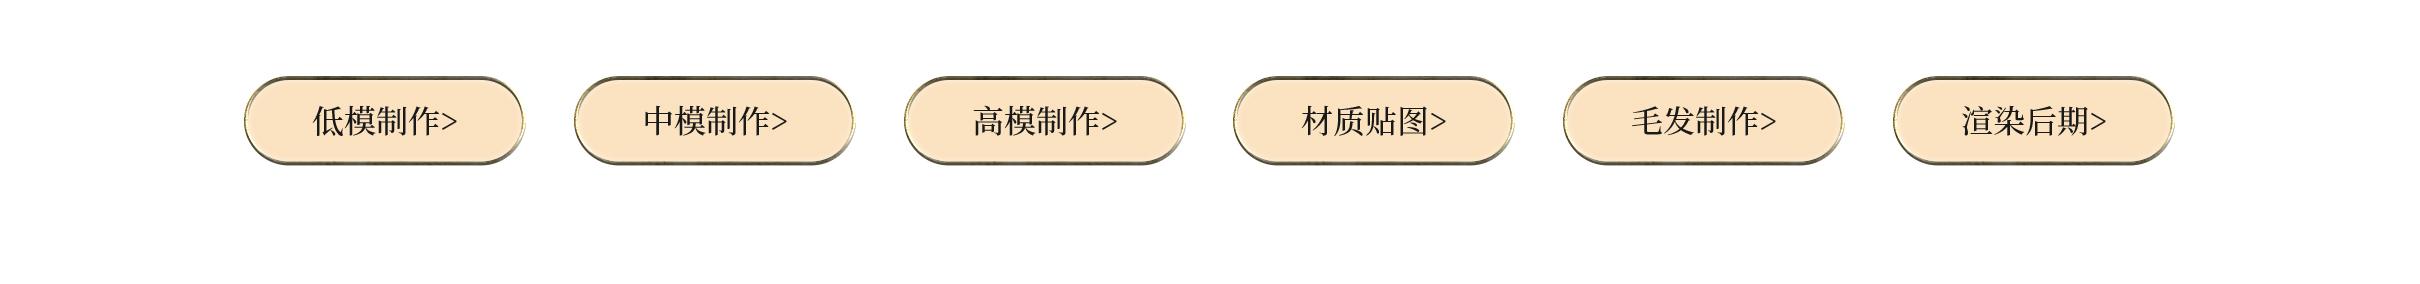 详情页(1)_08.jpg